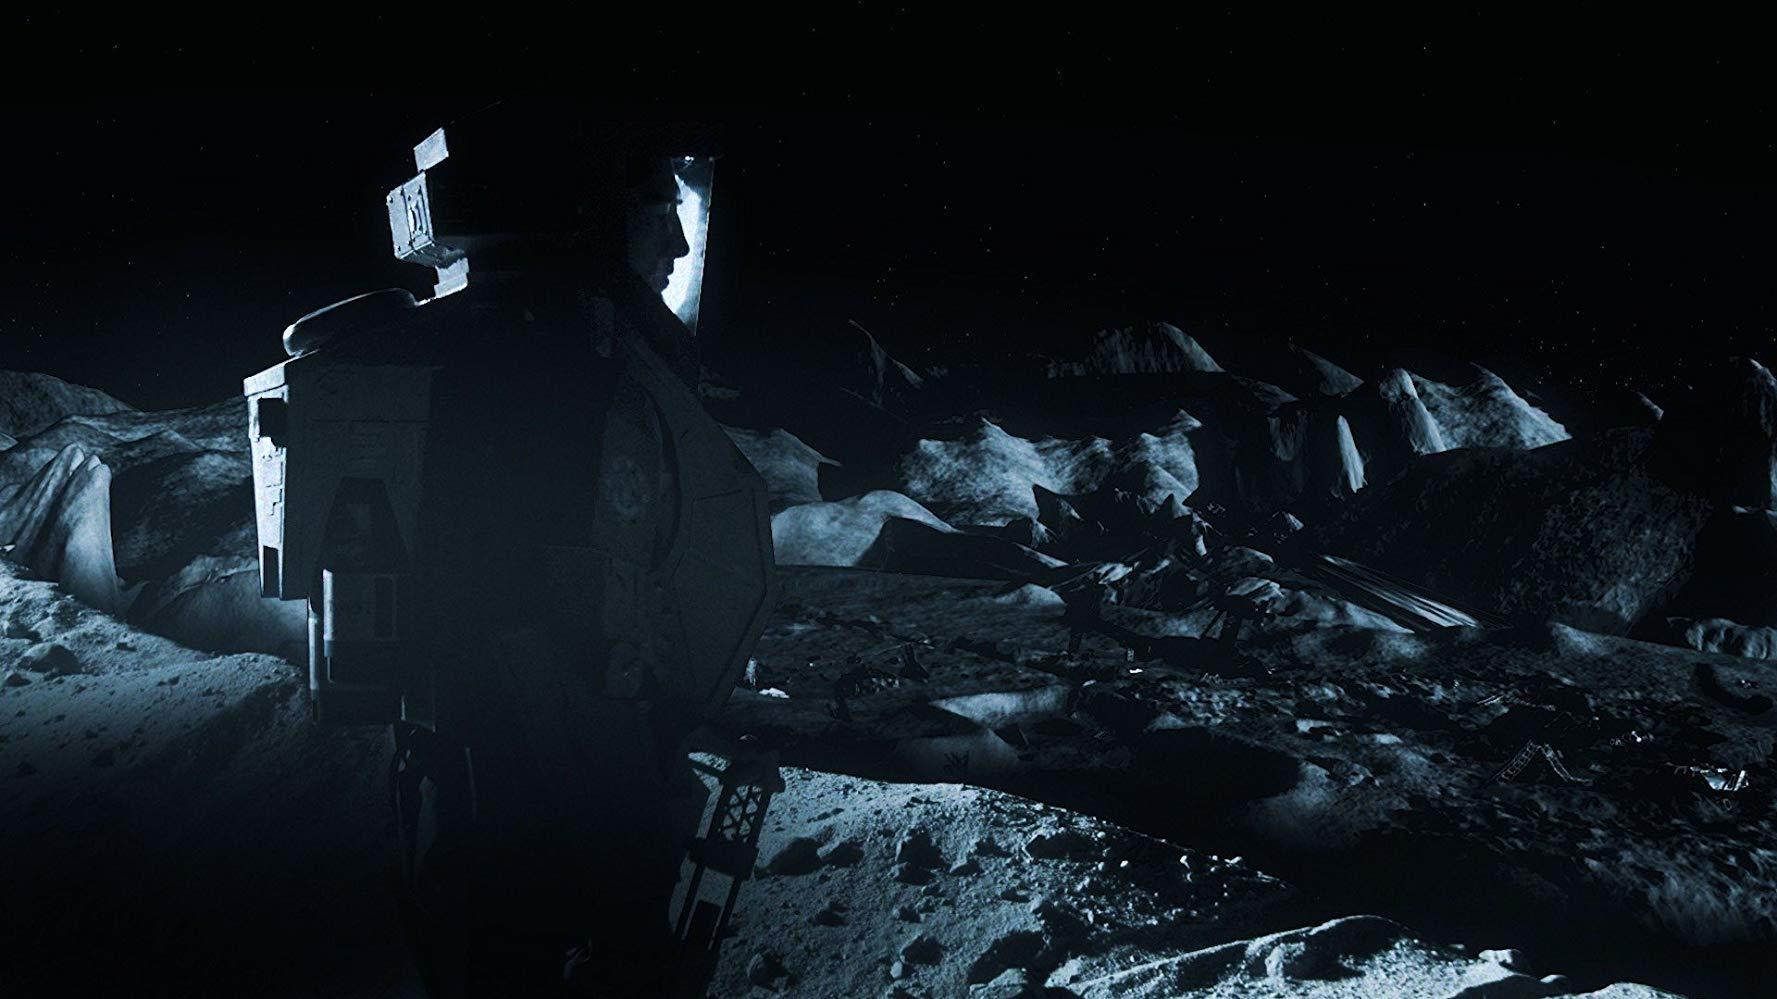 مشاهدة فيلم Shockwave Darkside 2014 HD مترجم كامل اون لاين